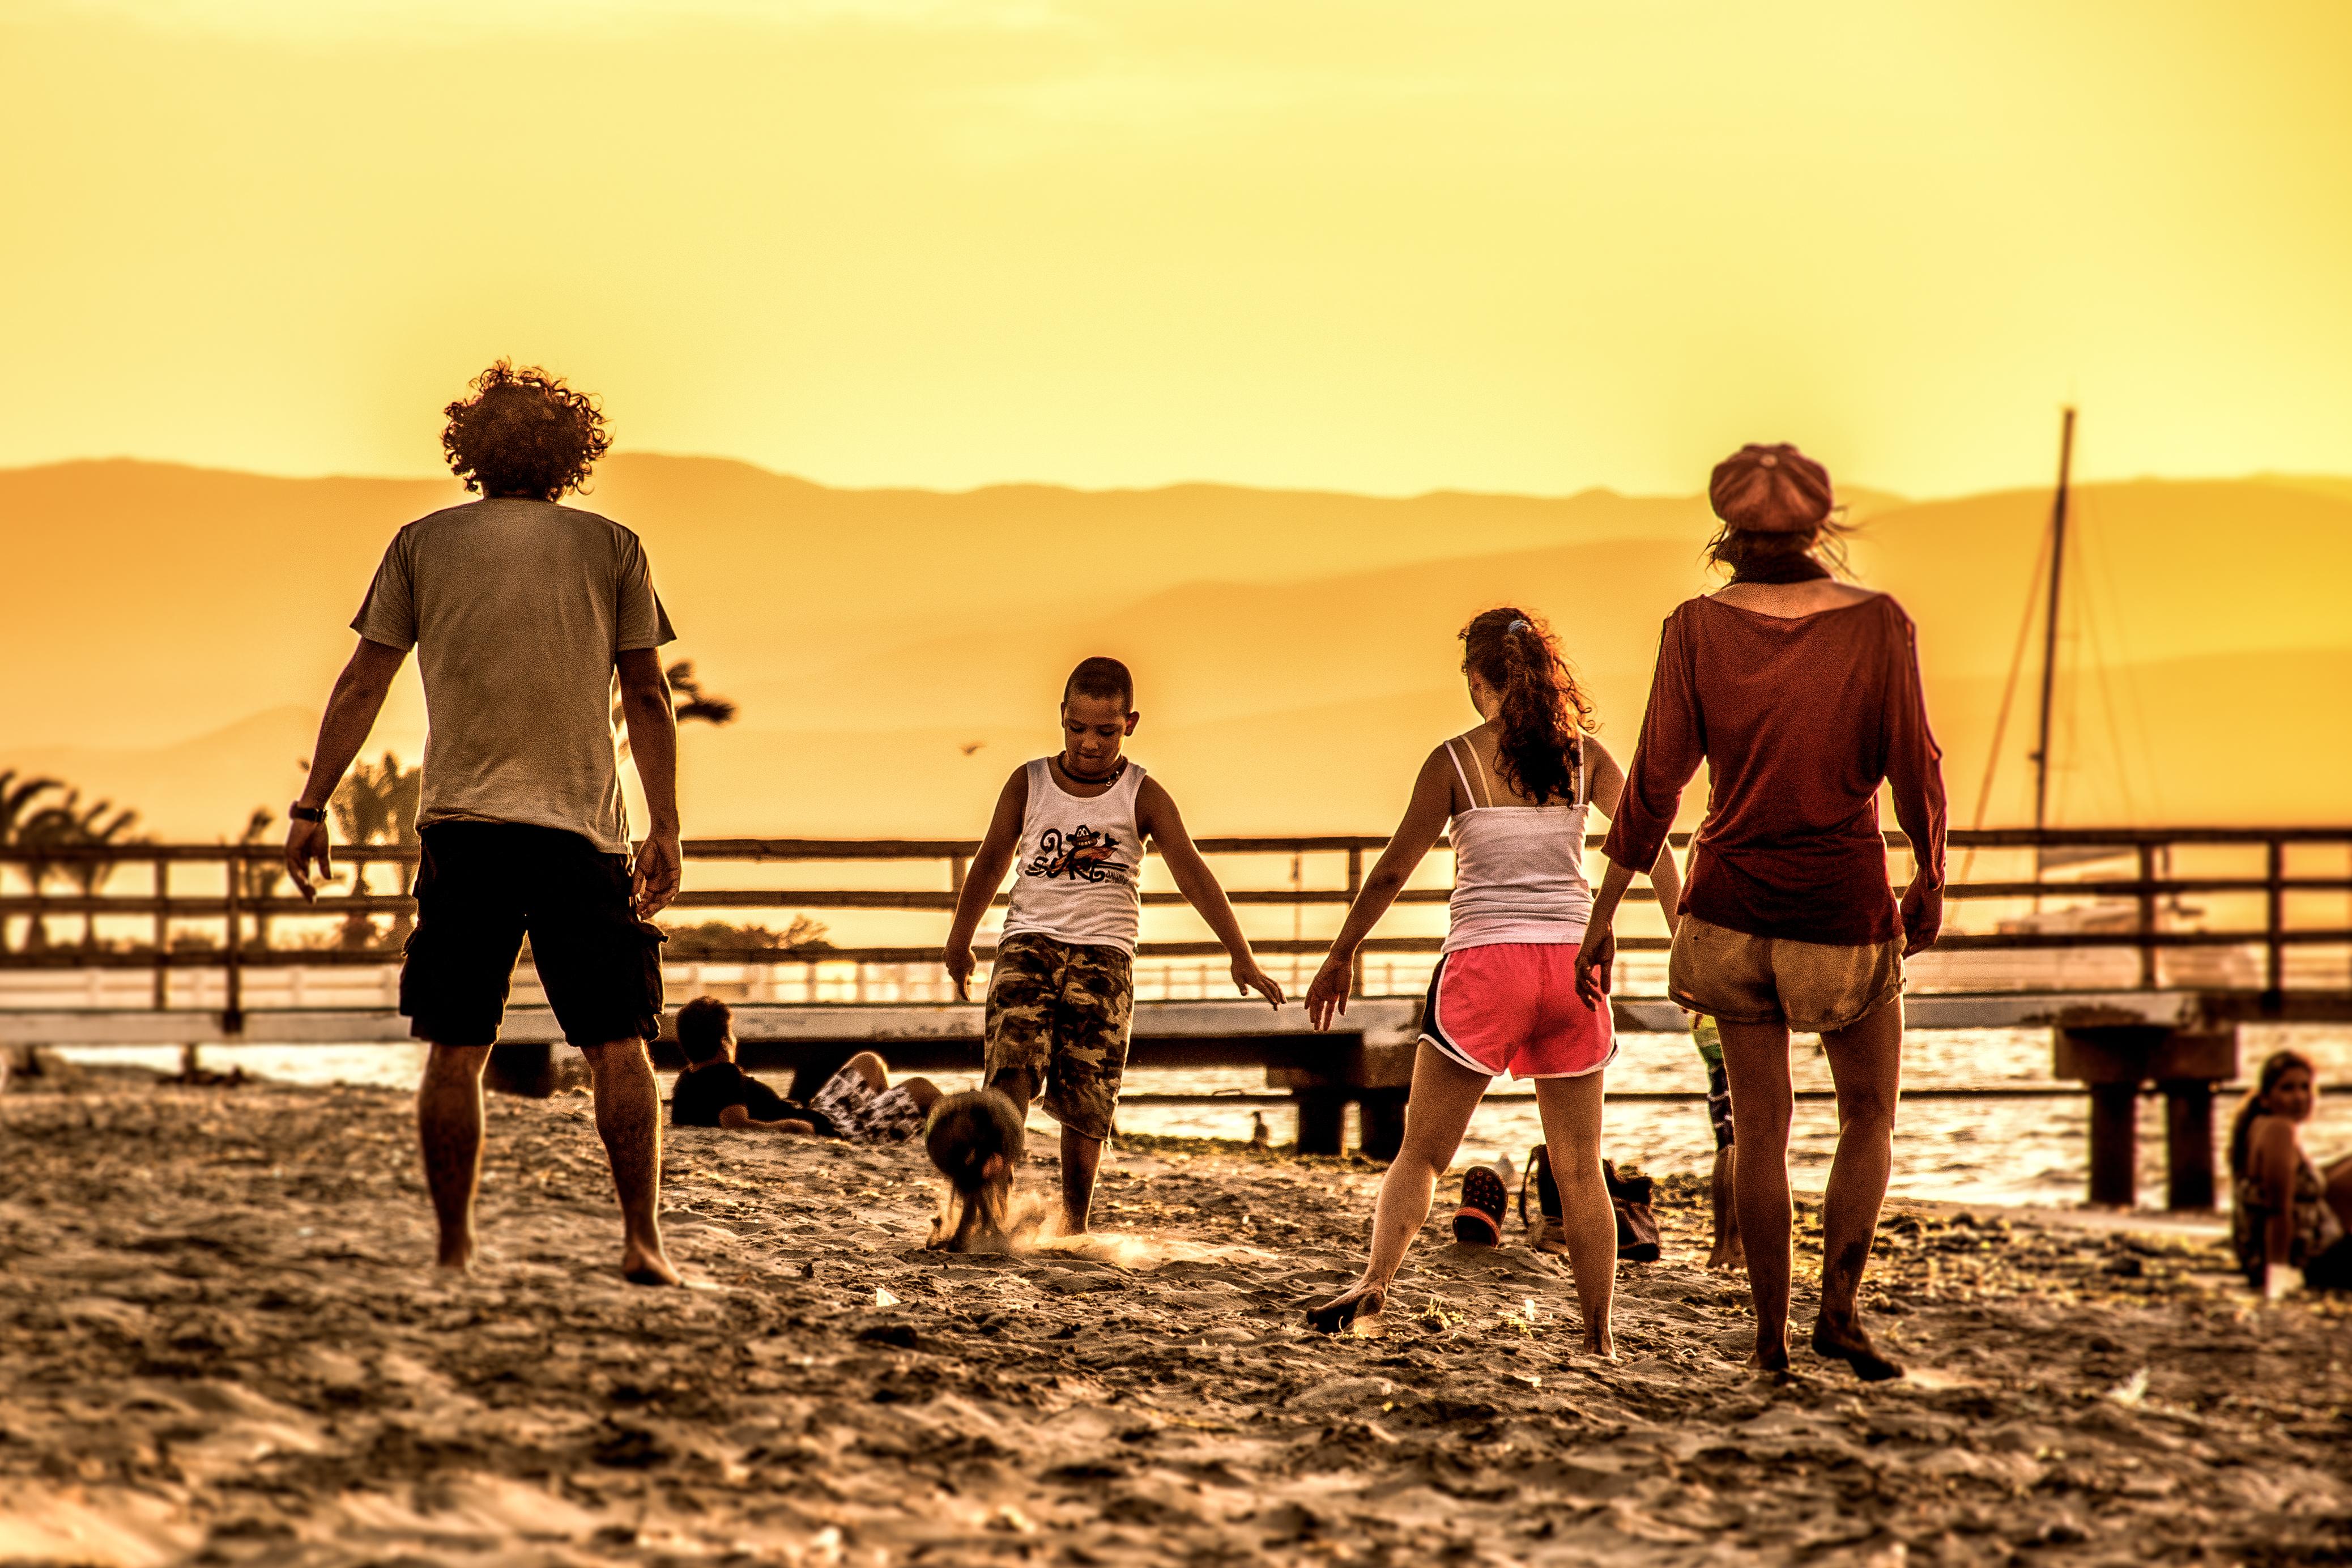 Futbol en la playa - 4152x2768